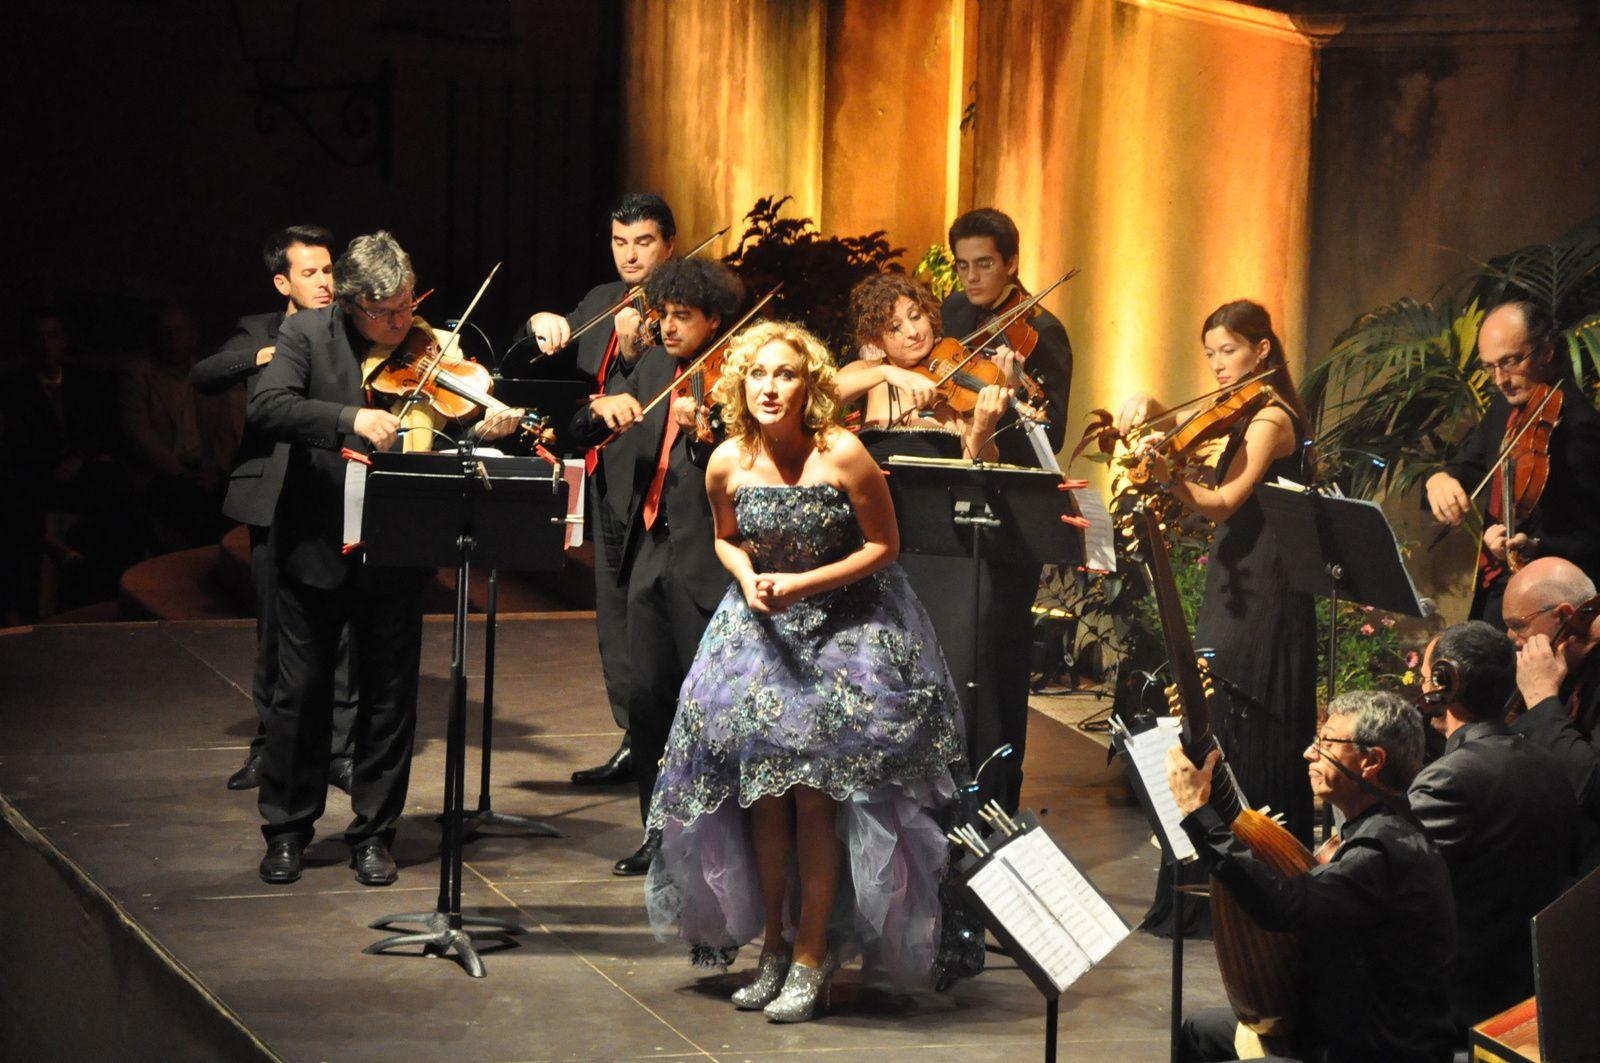 CONCERTO DI APERTURA DEL 65^FESTIVAL DELLA MUSICA DI MENTON CON  GIDON KREMER